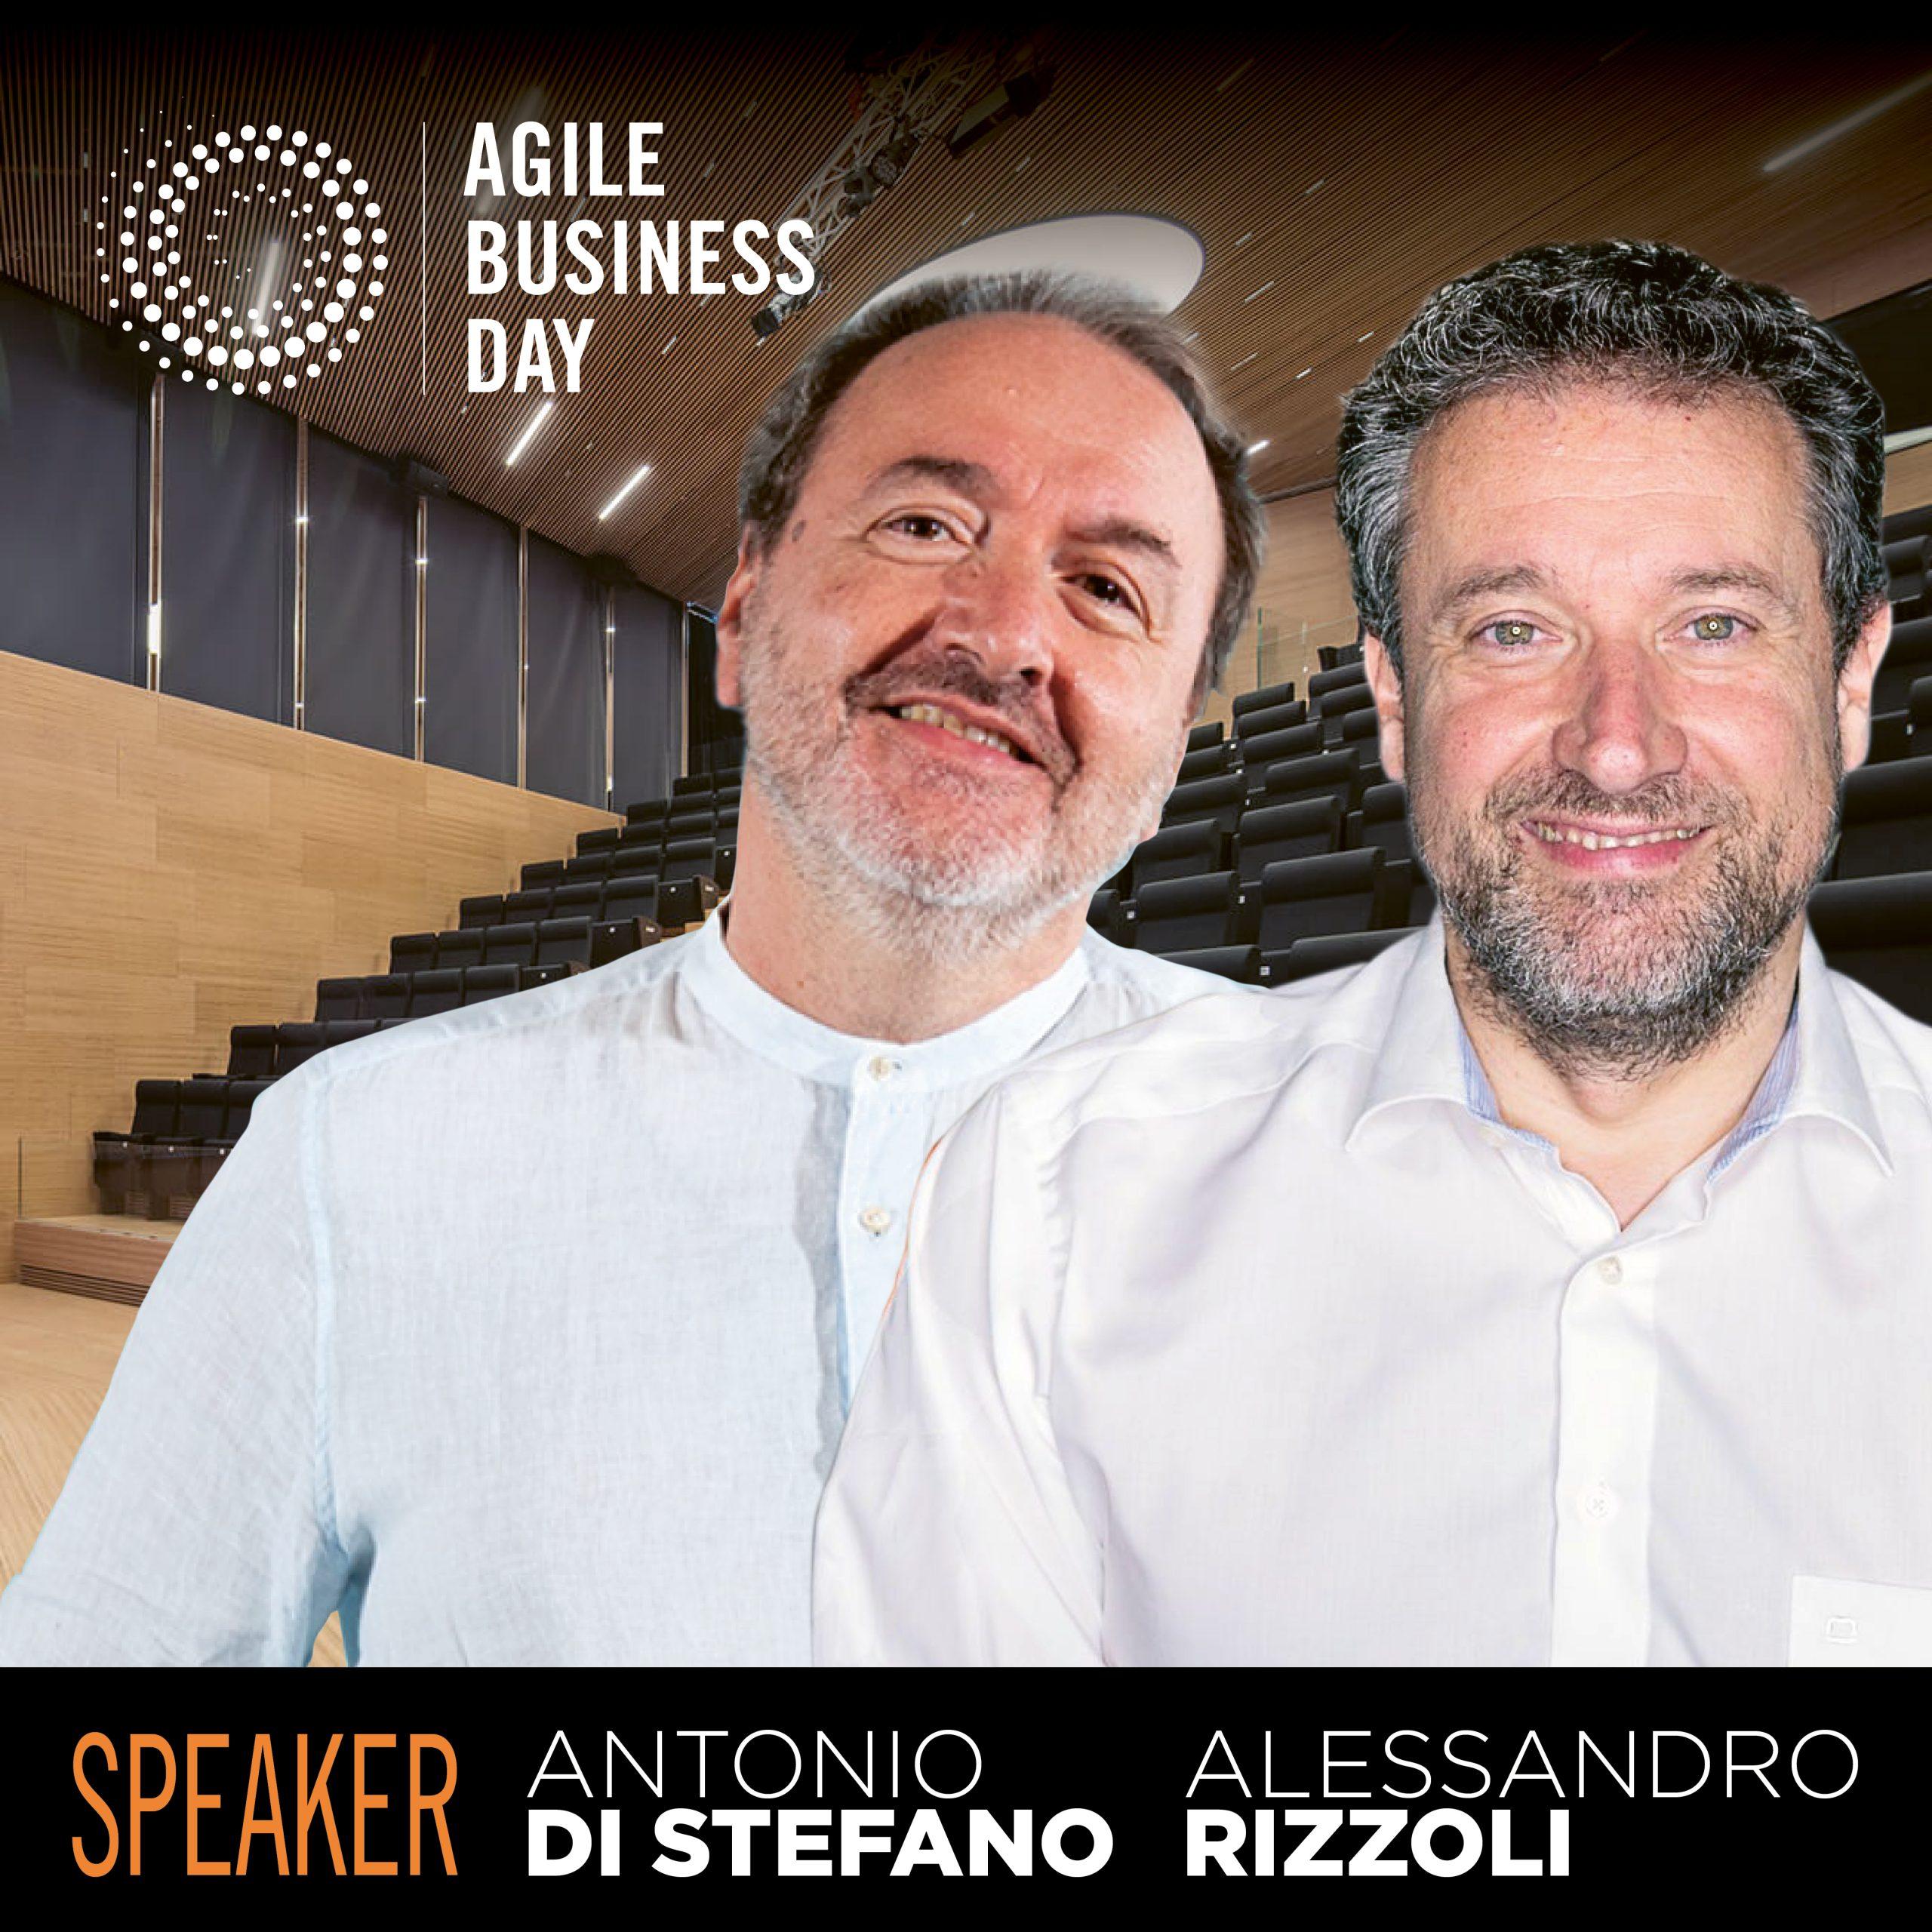 #ABD21 - Antonio Di Stefano & Alessandro Rizzoli